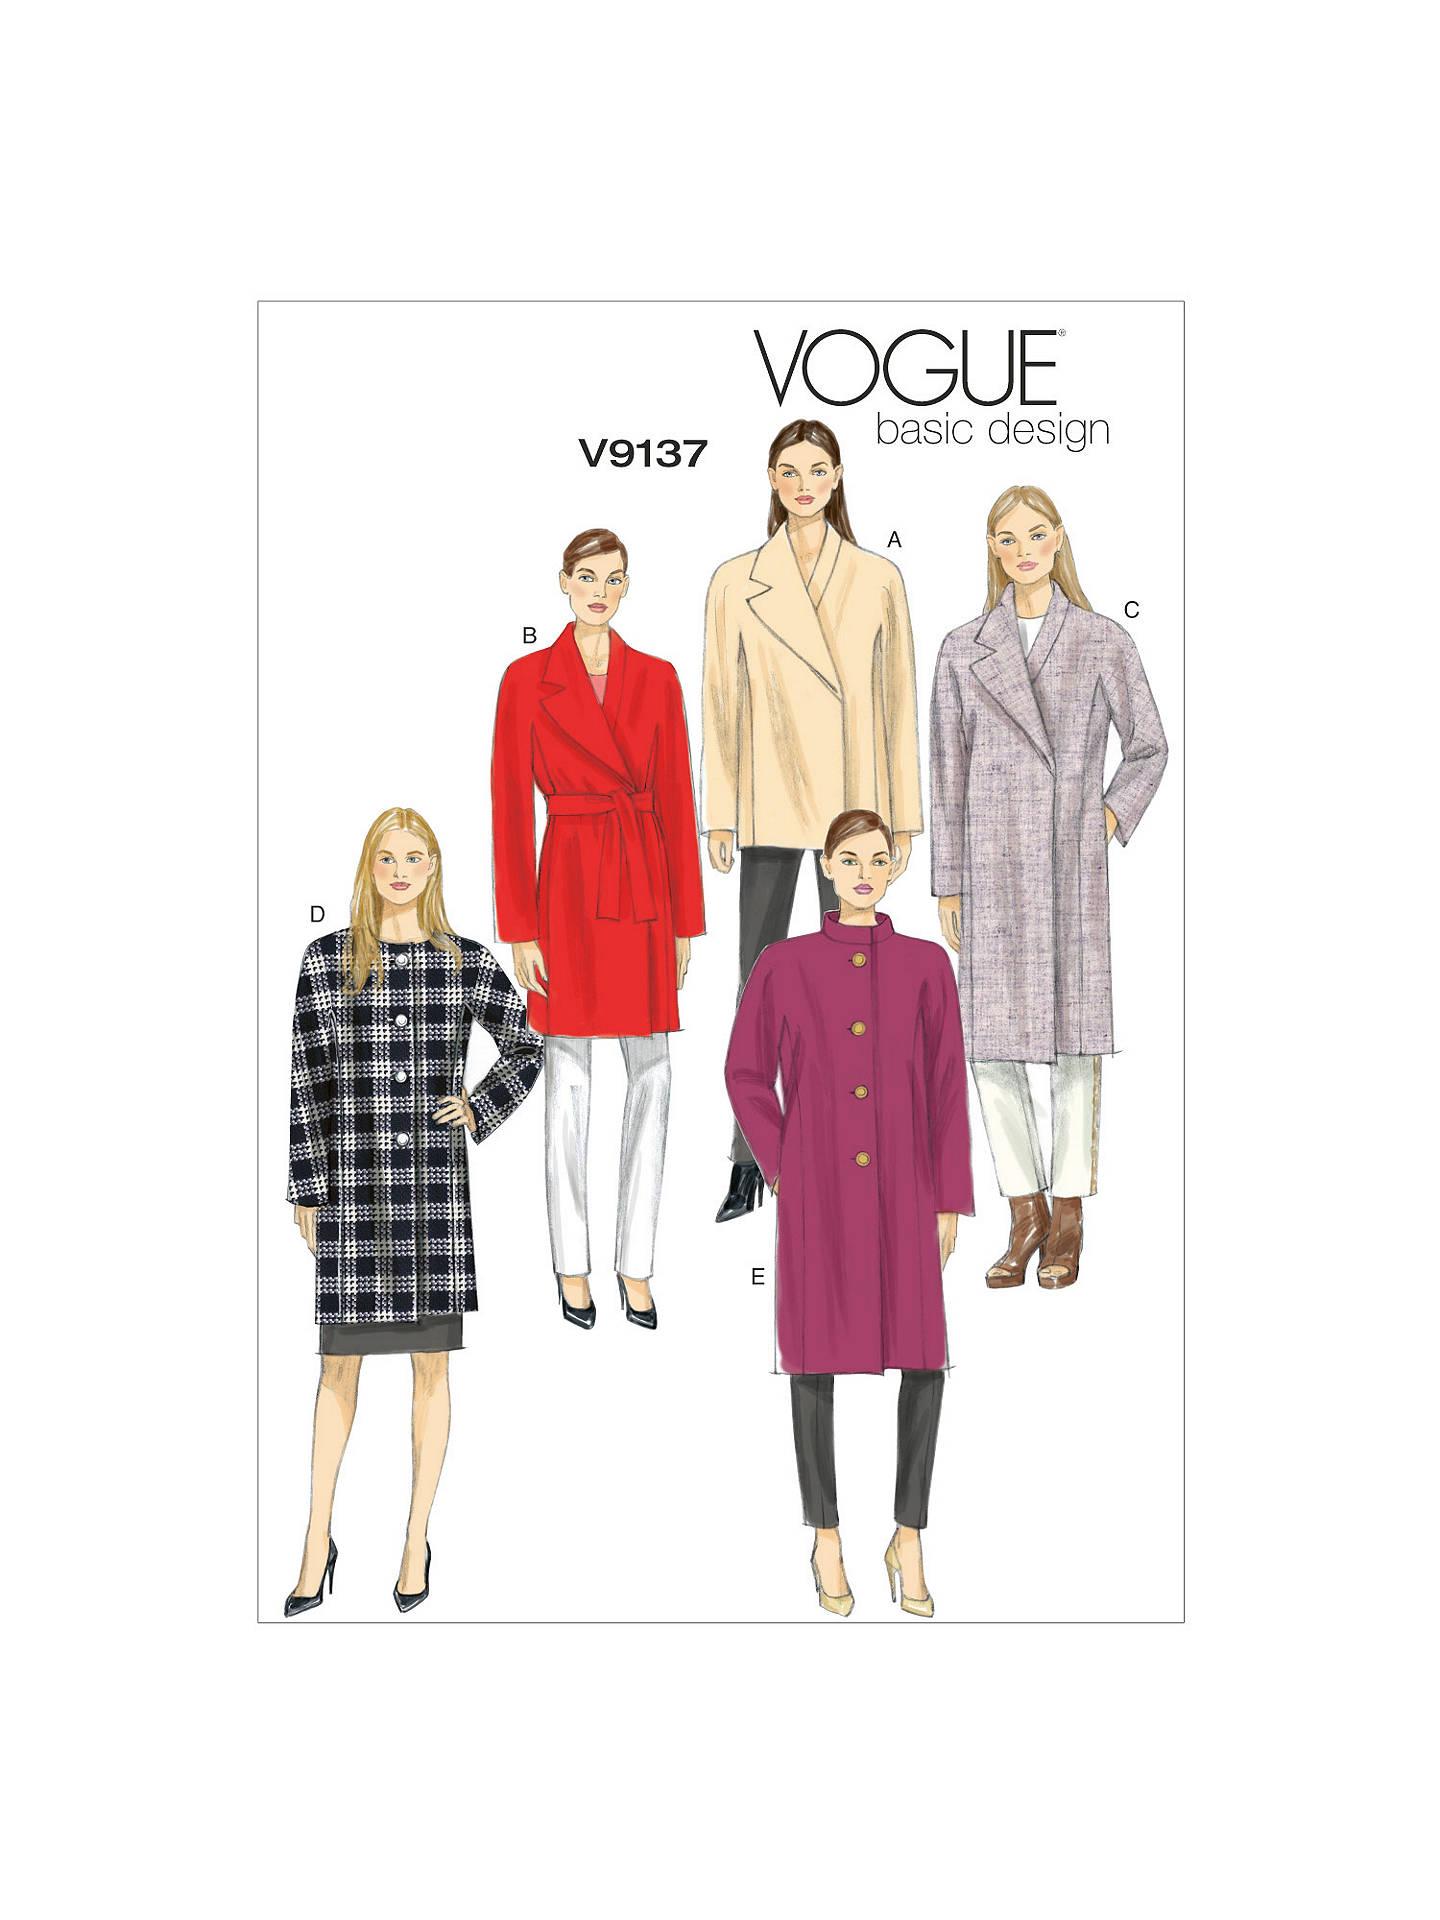 Vogue Women\'s Basic Design Coat Sewing Pattern, 9137 at John Lewis ...